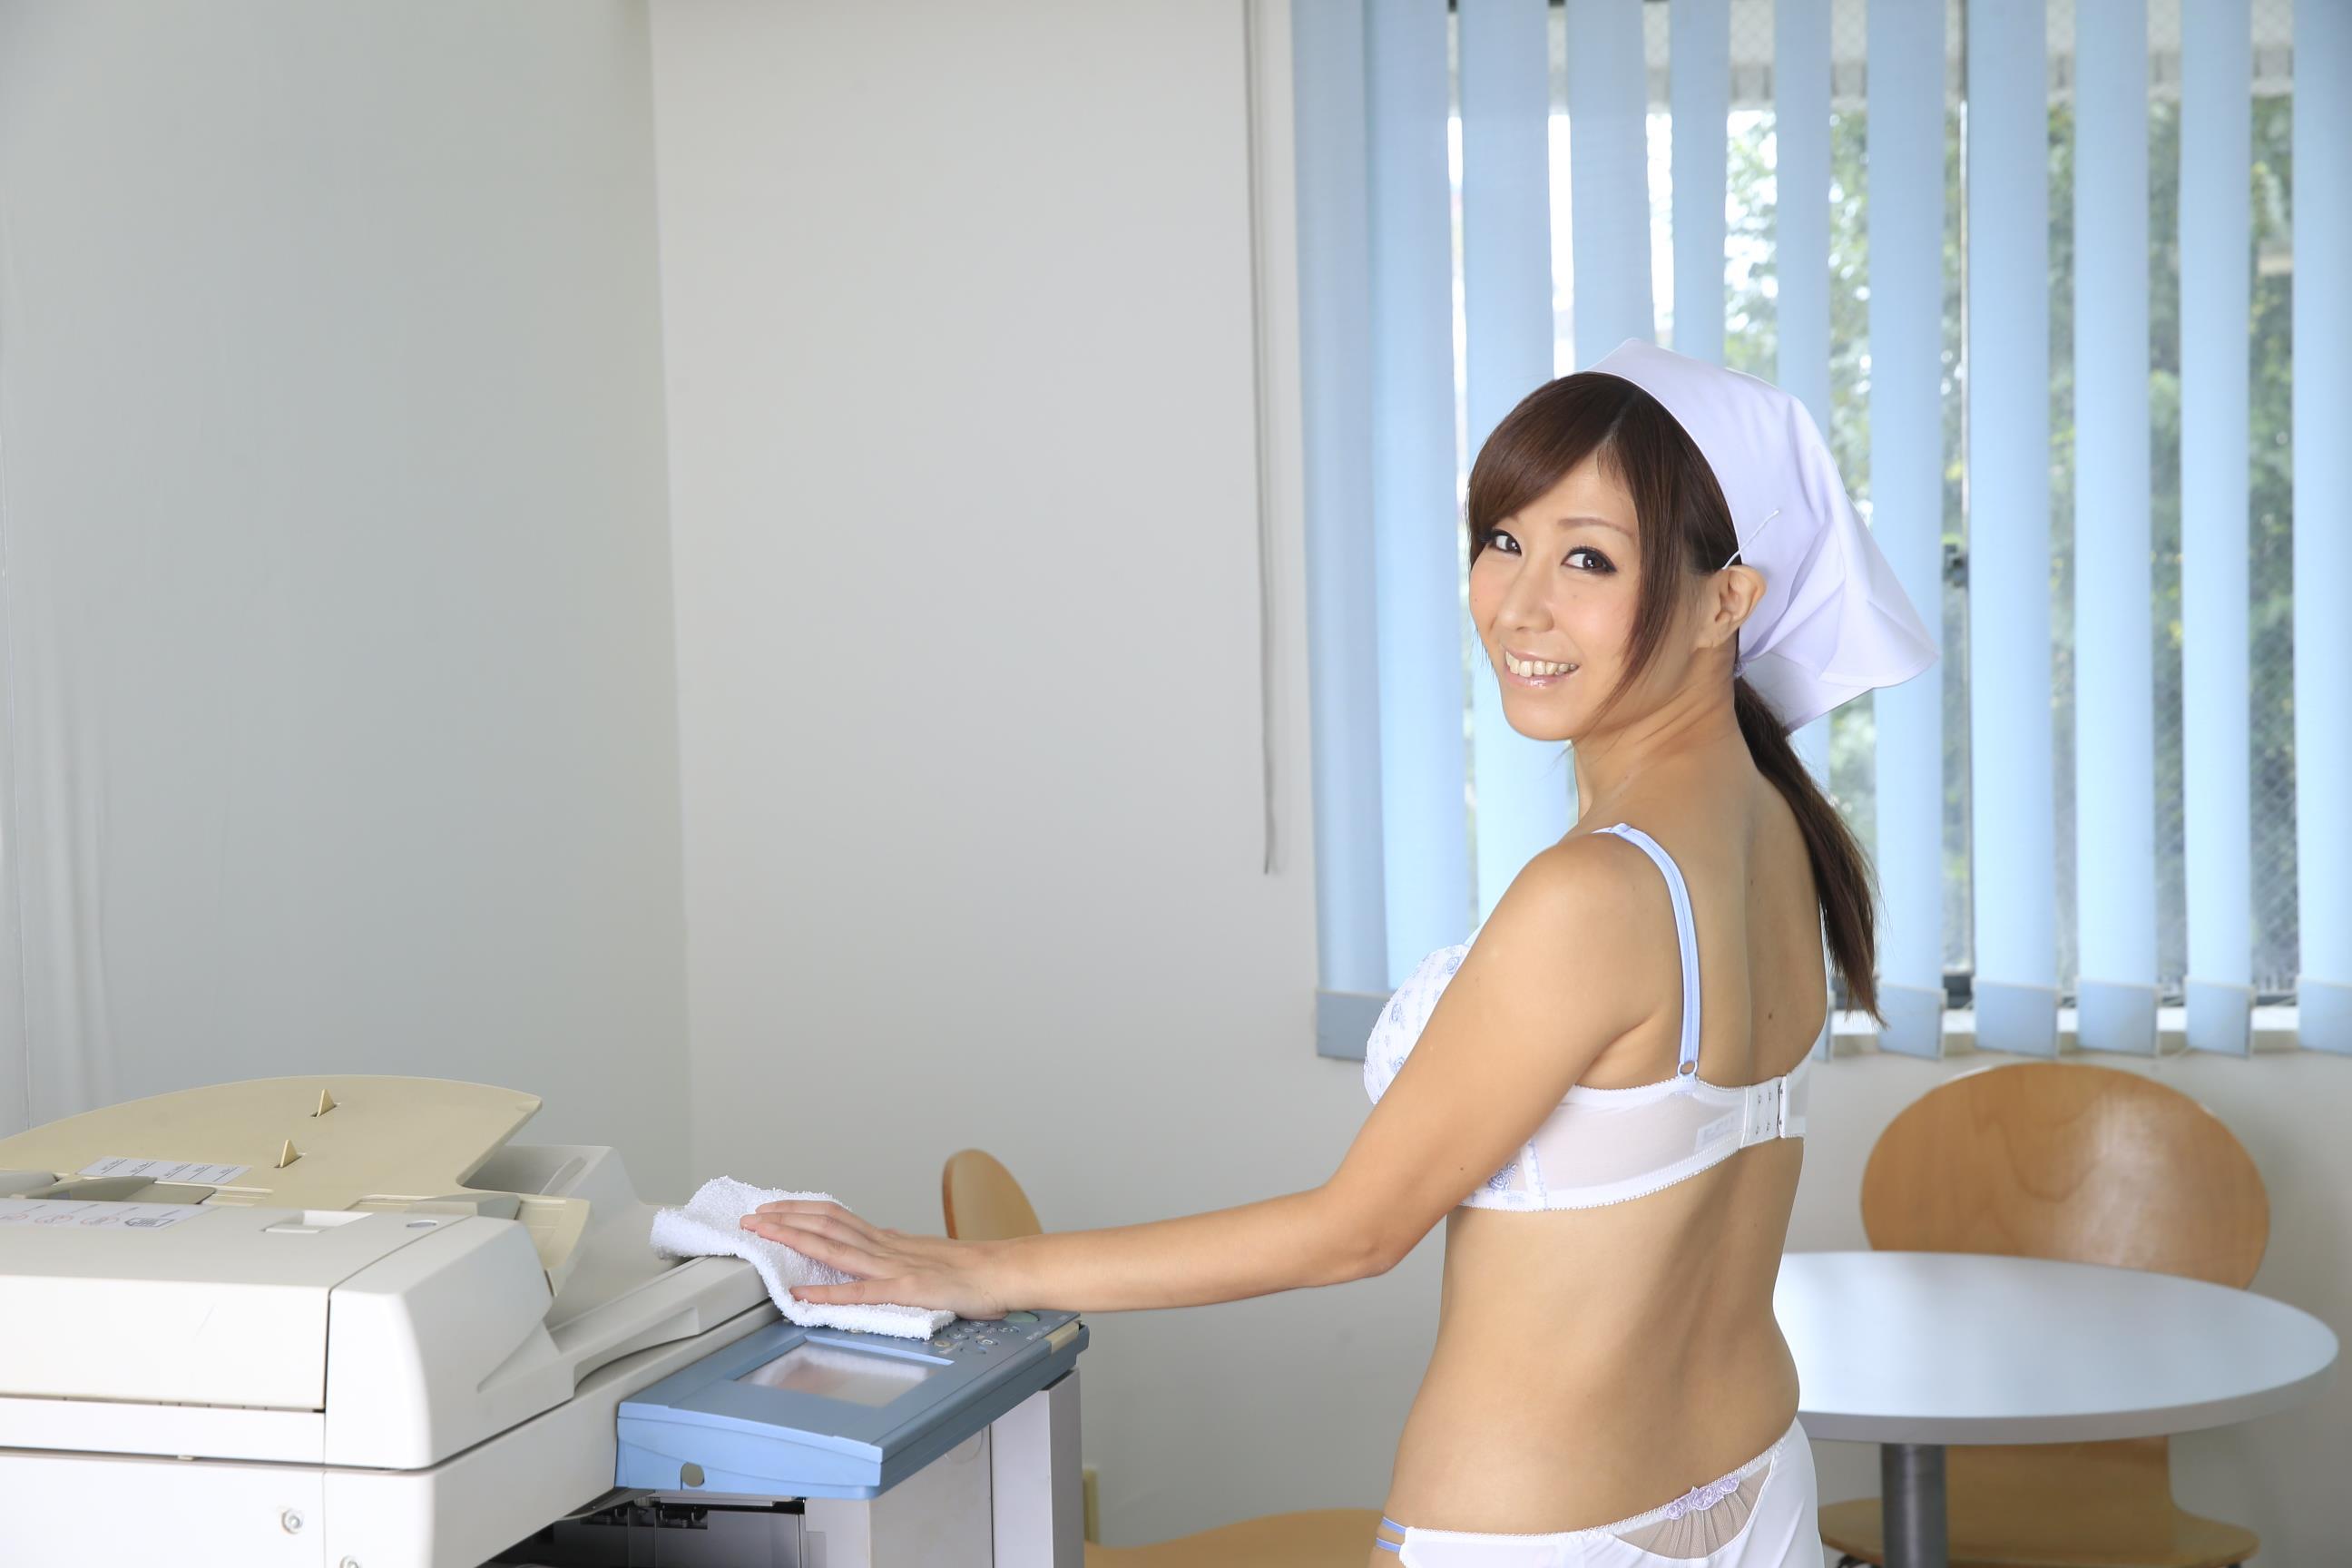 秋野千尋 SEX画像 57